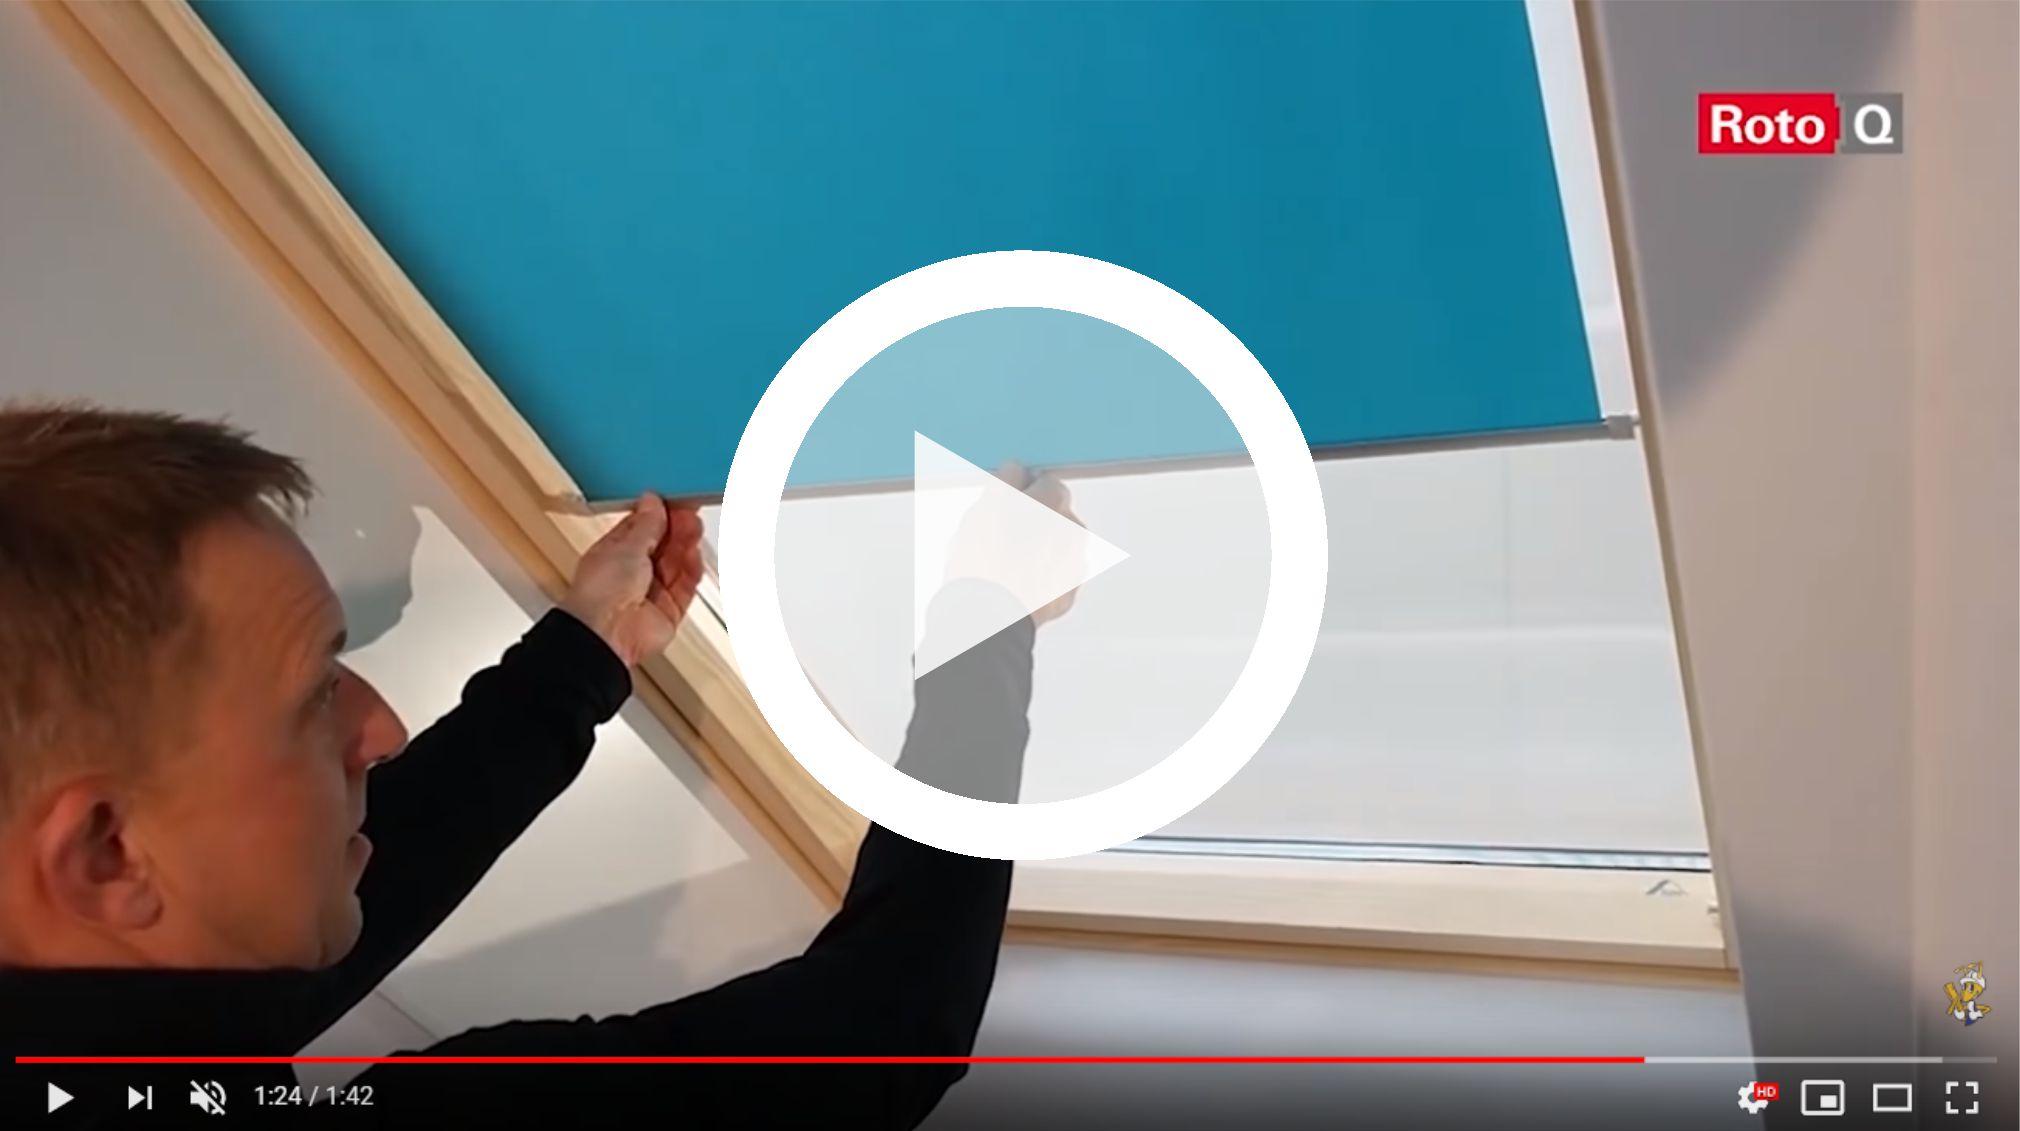 montaz-rolety-wewnetrznej-manualnej-basic-rotoq